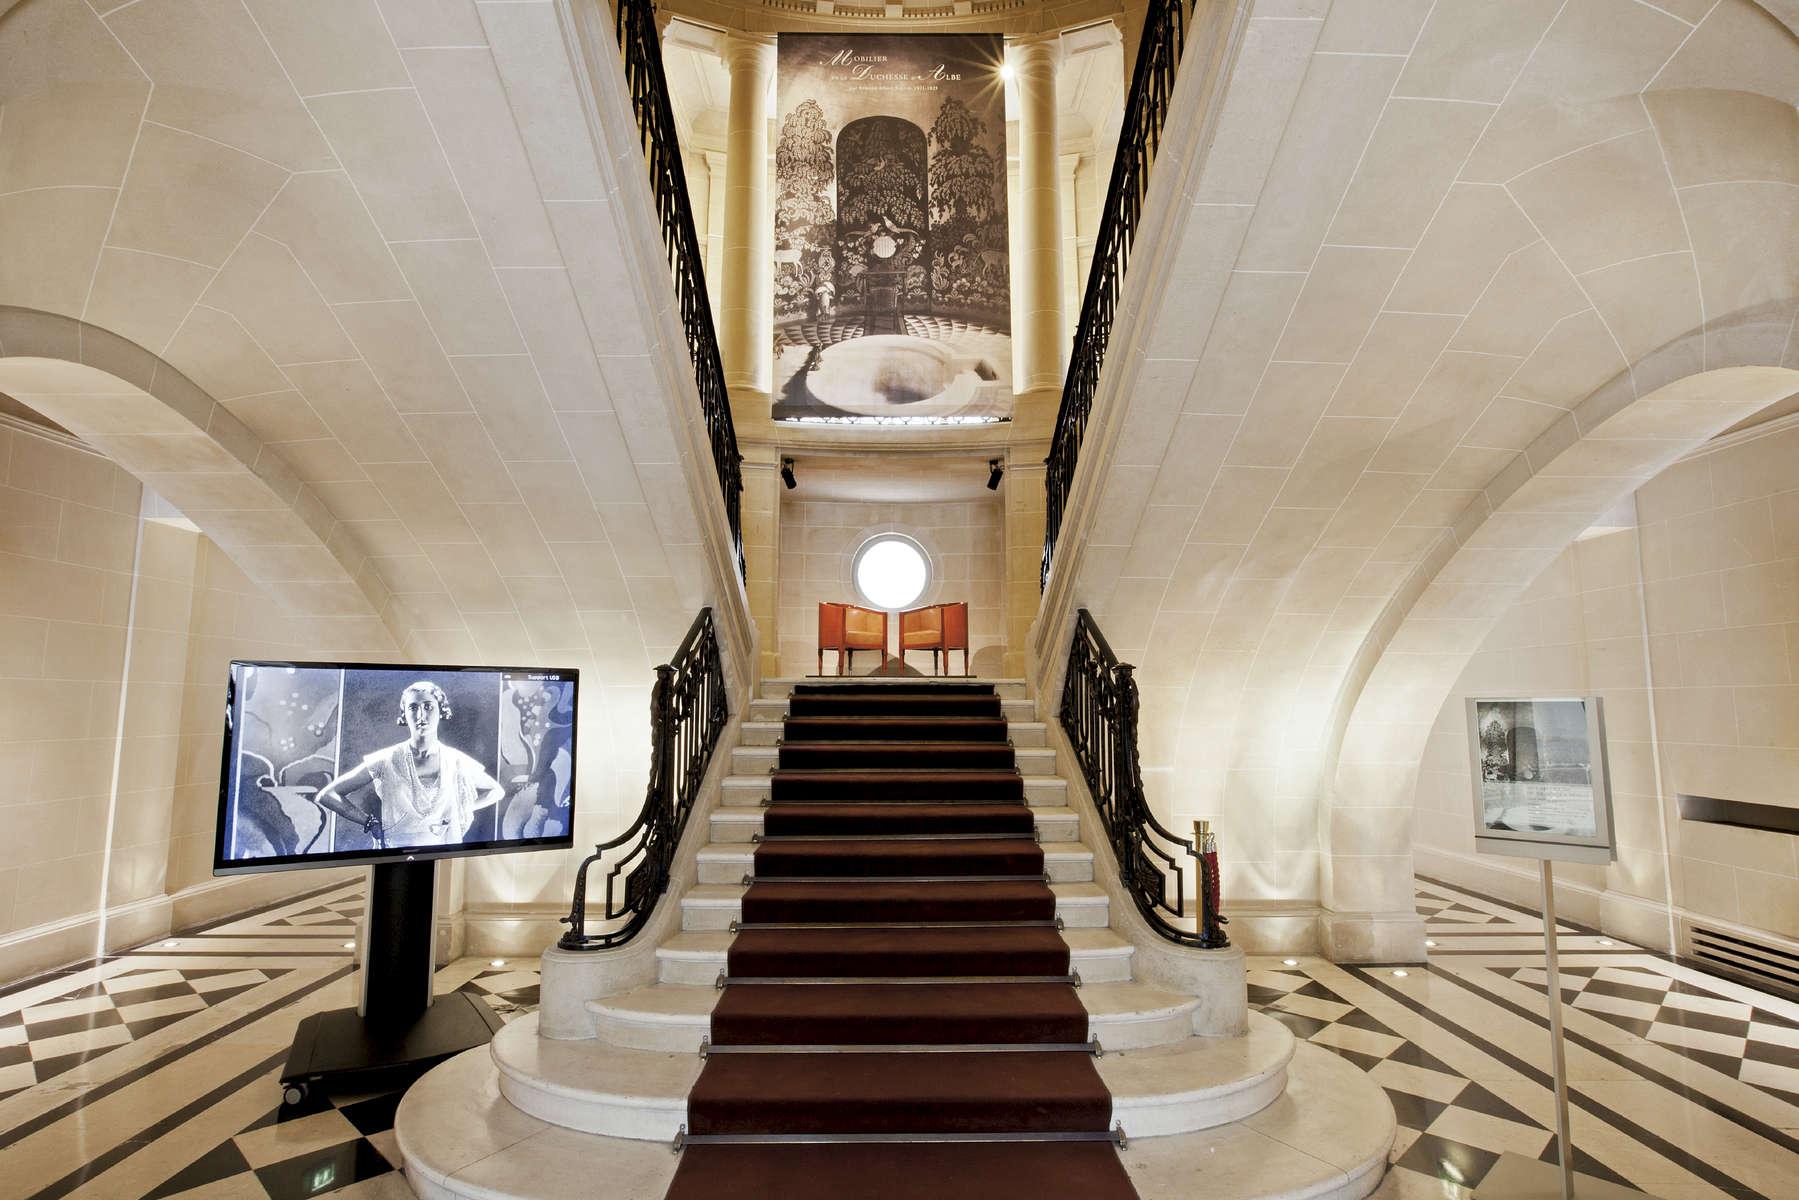 Vente de la Duchesse d'Alba, Christie's, Paris, France.